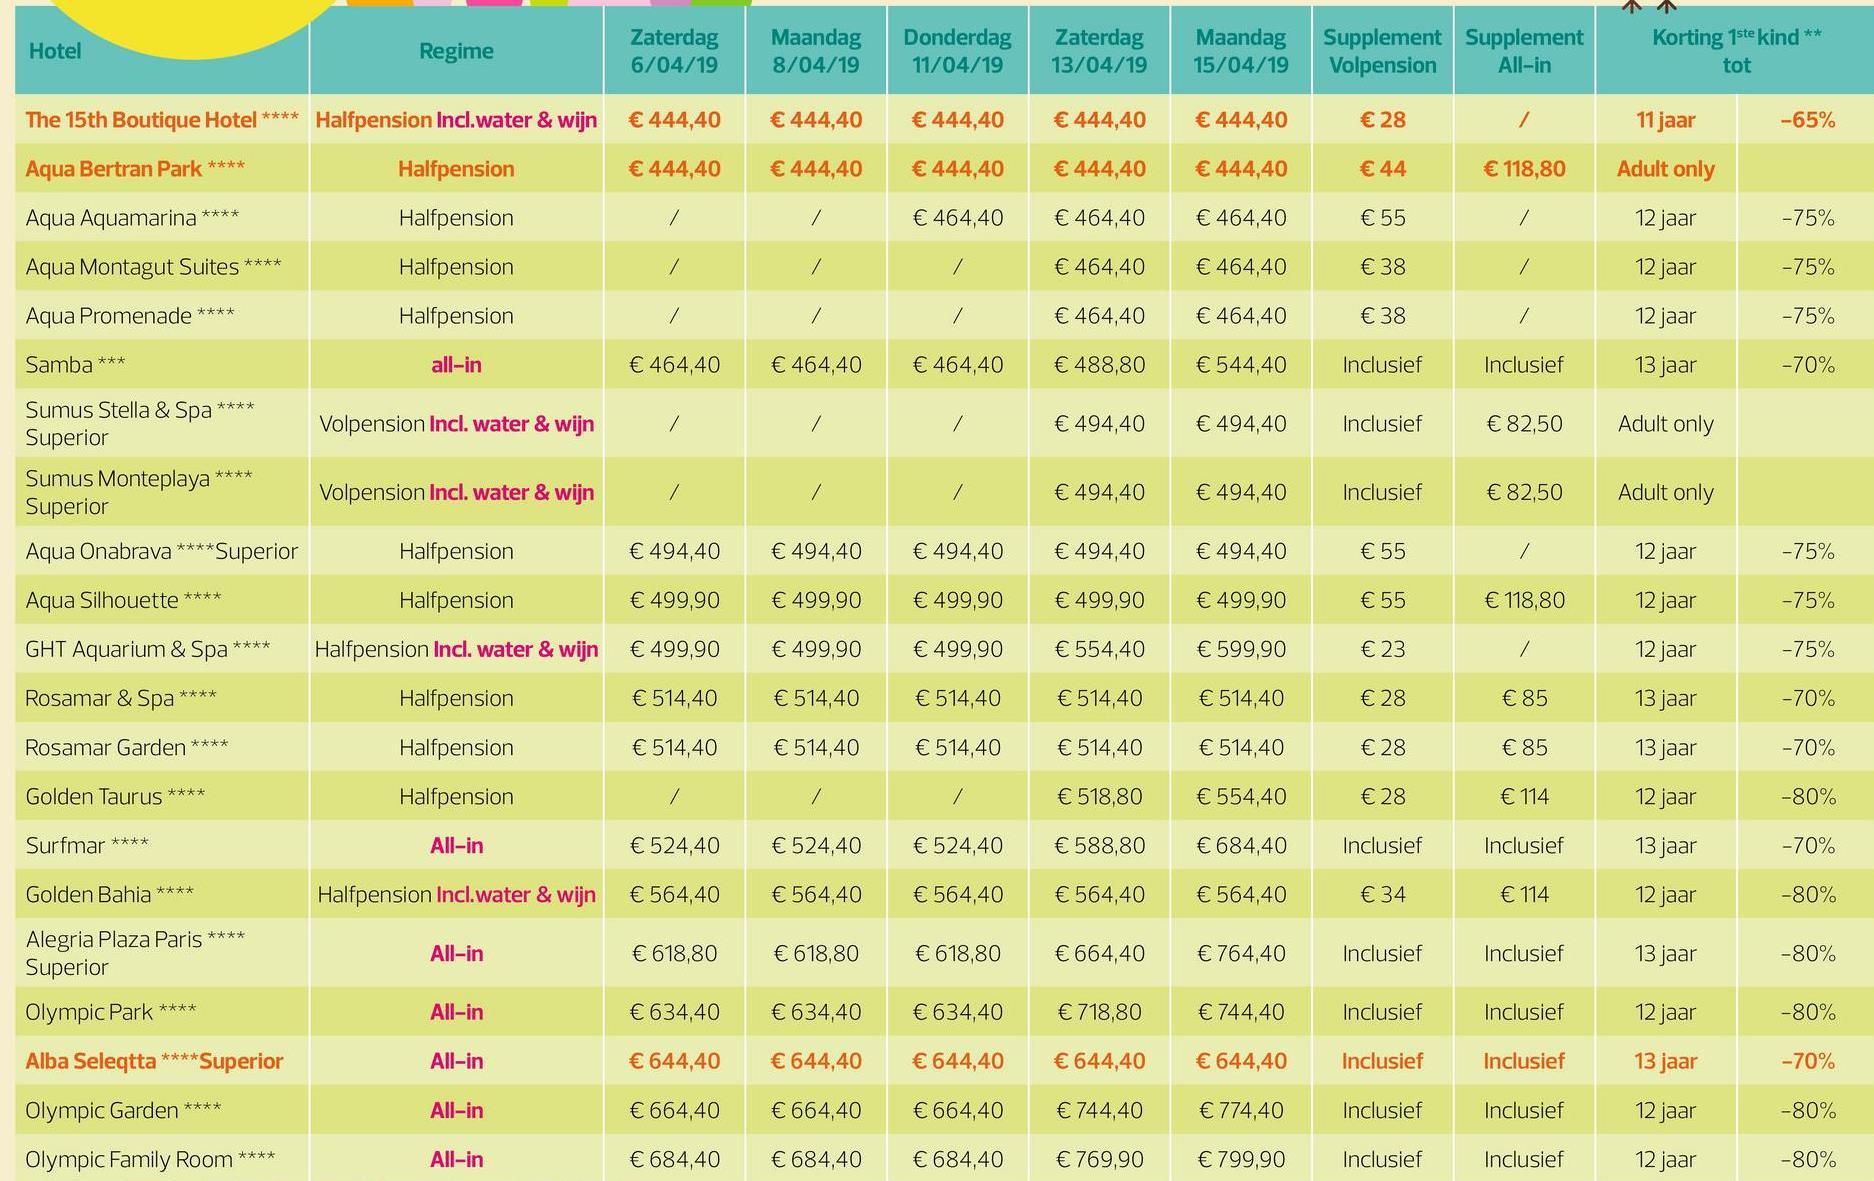 Hotel Regime Zaterdag 6/04/19 Maandag 8/04/19 Donderdag 11/04/19 Zaterdag 13/04/19 Maandag 15/04/19 Supplement Supplement Volpension All-in Korting 1ste kind ** tot The 15th Boutique Hotel **** Halfpension Incl.water & wijn € 444,40 € 444,40 € 444,40 € 444,40 € 444,40 €28 11 jaar -65% Aqua Bertran Park **** Halfpension € 444,40 € 444,40 € 444,40 € 444,40 €44 € 118,80 Adult only € 444,40 / Aqua Aquamarina **** Halfpension / € 464,40 € 464,40 € 464,40 € 464,40 € 55 12 jaar -75% Aqua Montagut Suites **** Halfpension € 464,40 € 464,40 € 38 / 12 jaar -75% Aqua Promenade **** Halfpension € 464,40 € 464,40 € 38 12 jaar -75% Samba *** all-in € 464,40 € 464,40 € 464,40 € 488,80 € 544,40 Inclusief Inclusief 13 jaar -70% Sumus Stella & Spa *** Superior Volpension Incl. water & wijn € 494,40 € 494,40 Inclusief € 82,50 Adult only Sumus Monteplaya **** Superior Volpension Incl. water & wijn € 494,40 € 494,40 Inclusief € 82,50 Adult only Aqua Onabrava **** Superior Halfpension € 494,40 € 494,40 € 494,40 € 494,40 € 494,40 € 55 12 jaar -75% Aqua Silhouette **** Halfpension € 499,90 € 499,90 € 499,90 € 499,90 € 499,90 € 55 € 118,80 12 jaar -75% GHT Aquarium & Spa **** Halfpension Inc. water & wijn € 499,90 € 499,90 € 499,90 € 554,40 € 599,90 € 23 12 jaar -75% Rosamar & Spa **** Halfpension € 514,40 € 514,40 € 514,40 € 514,40 € 514,40 €28 € 85 13 jaar -70% Rosamar Garden **** Halfpension € 514,40 € 514,40 € 514,40 € 514,40 € 514,40 € 28 €85 13 jaar -70% Golden Taurus **** Halfpension € 518,80 € 554,40 €28 € 114 12 jaar -80% Surfmar **** All-in € 524,40 €524,40 €524,40 €588,80 € 684,40 Inclusief Inclusief 13 jaar -70% Golden Bahia **** Halfpension Incl.water & wijn € 564,40 € 564,40 € 564,40 € 564,40 € 564,40 € 34 € 114 12 jaar -80% Alegria Plaza Paris **** Superior All-in € 618,80 € 618,80 € 618,80 € 664,40 € 764,40 Inclusief Inclusief 13 jaar -80% Olympic Park **** All-in €634,40 € 634,40 € 634,40 € 718,80 € 744,40 Inclusief Inclusief 12 jaar -80% Alba Seleqtta ****Superior All-in € 